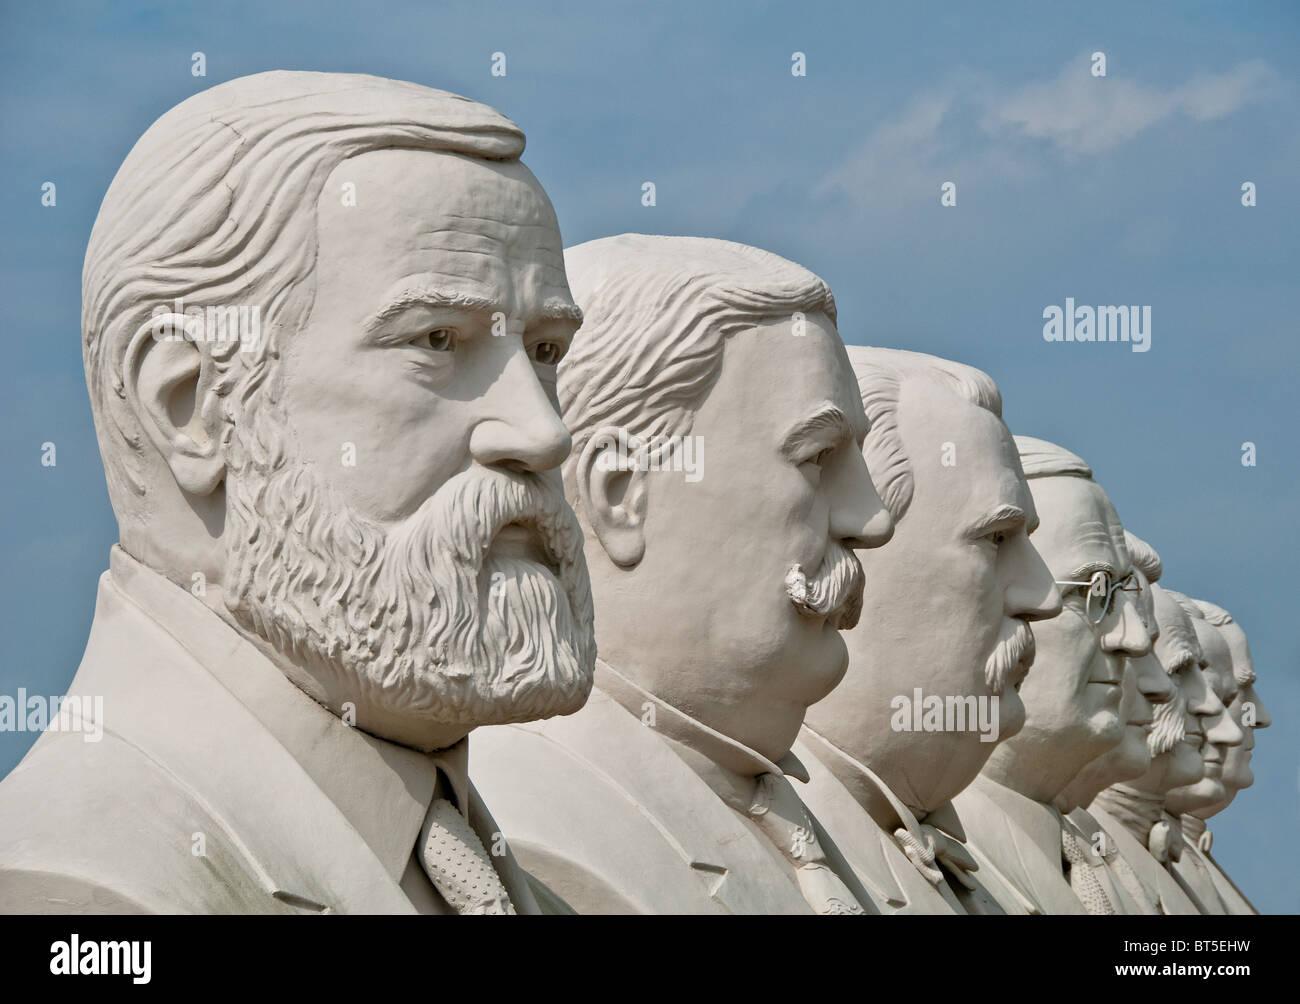 Sculptures en béton blanc de présidents des USA, à David Adickes Sculpturworx Studio à Houston, Texas, USA Banque D'Images